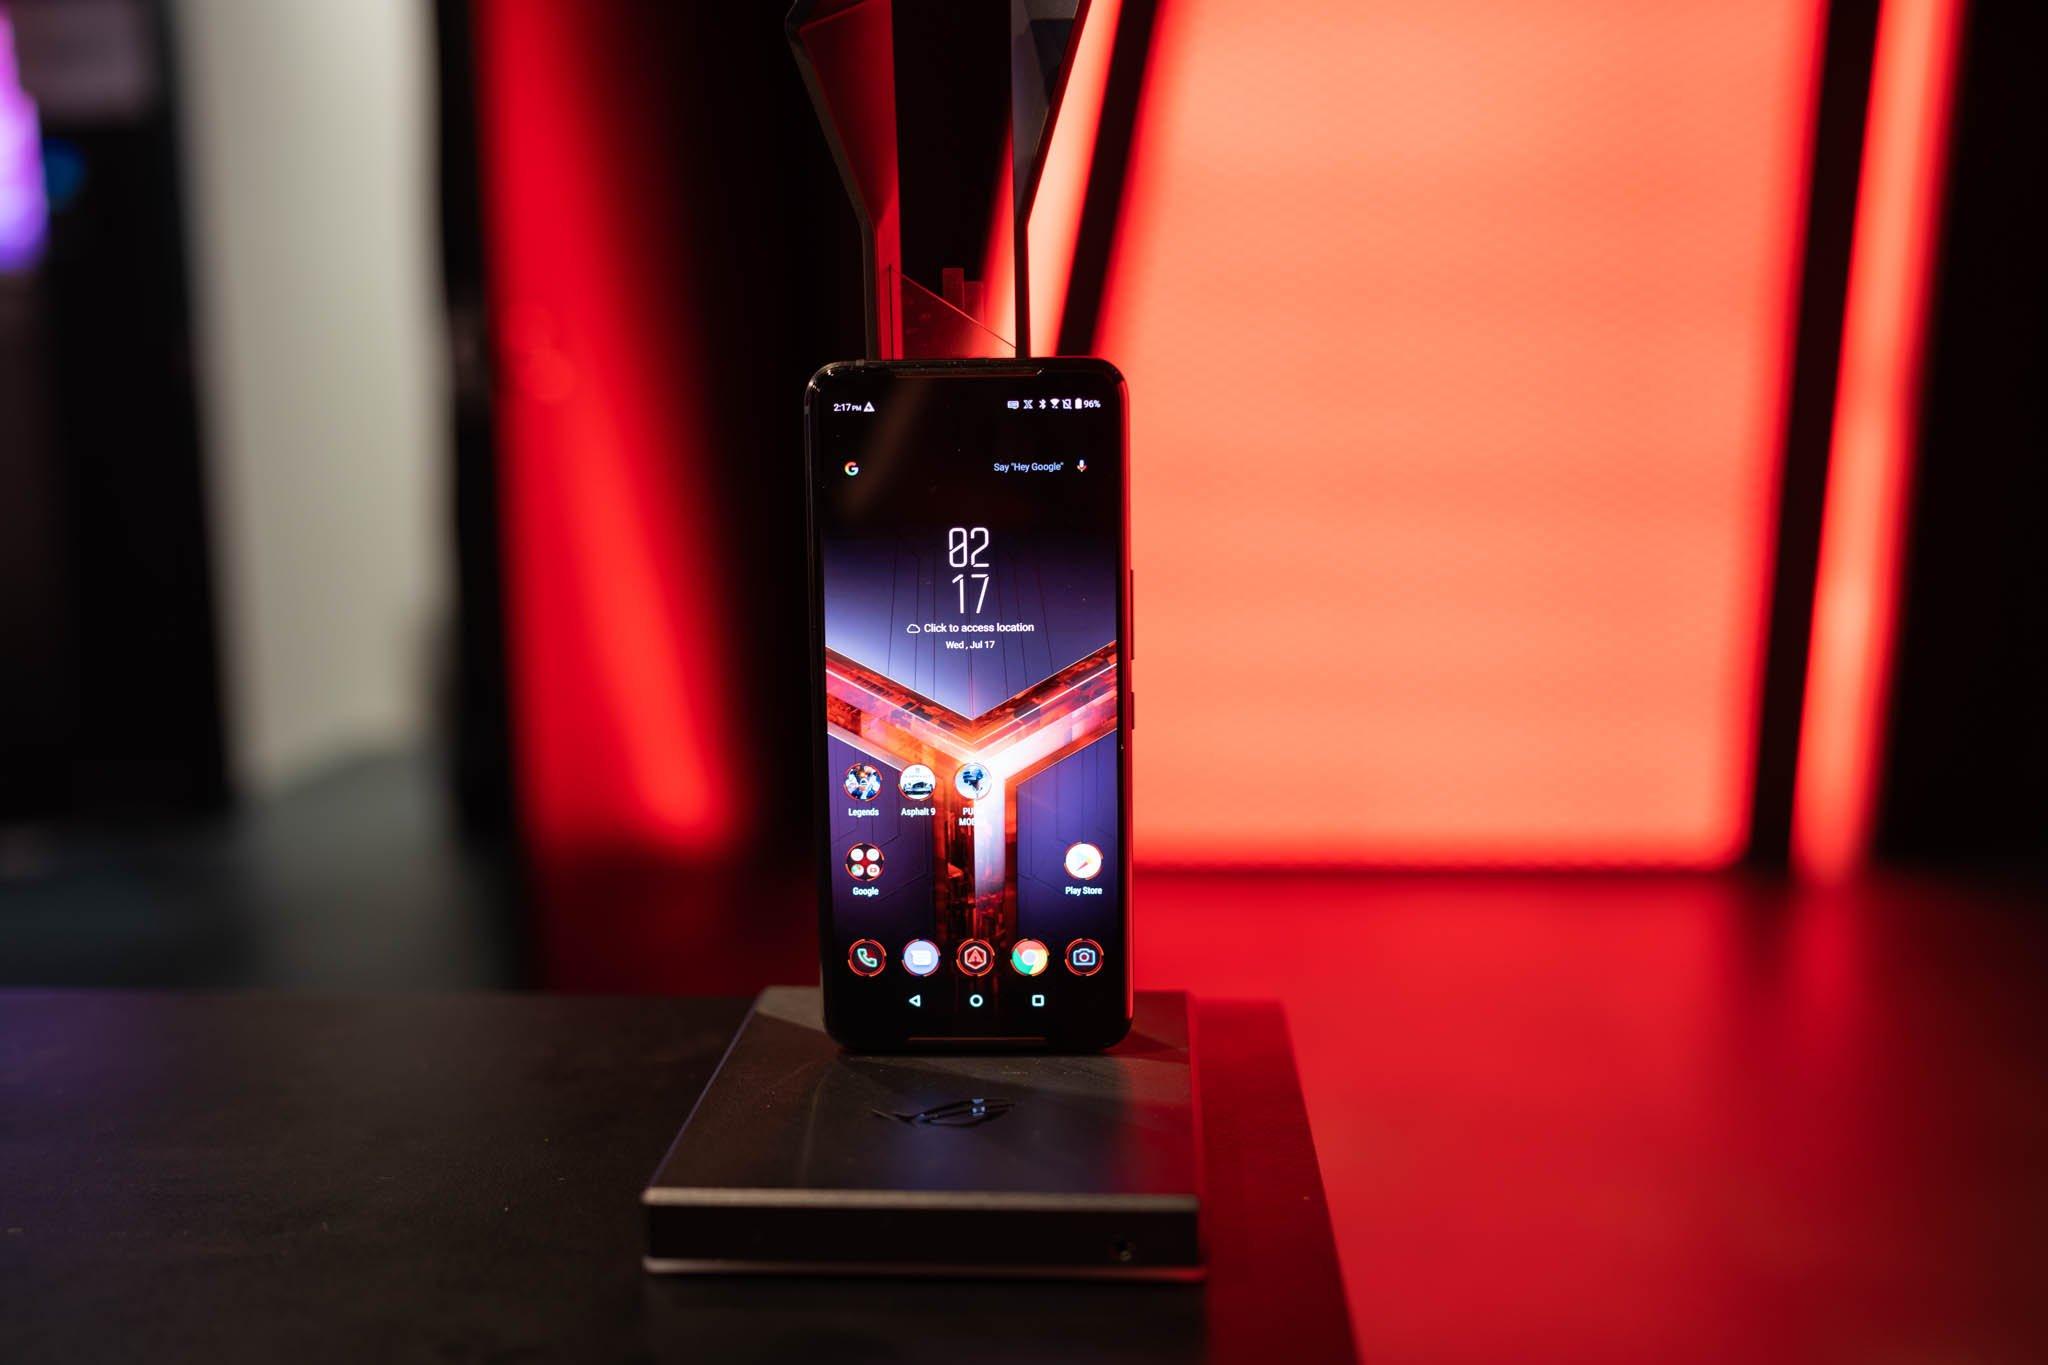 ASUS ROG chính thức giới thiệu ROG Phone II